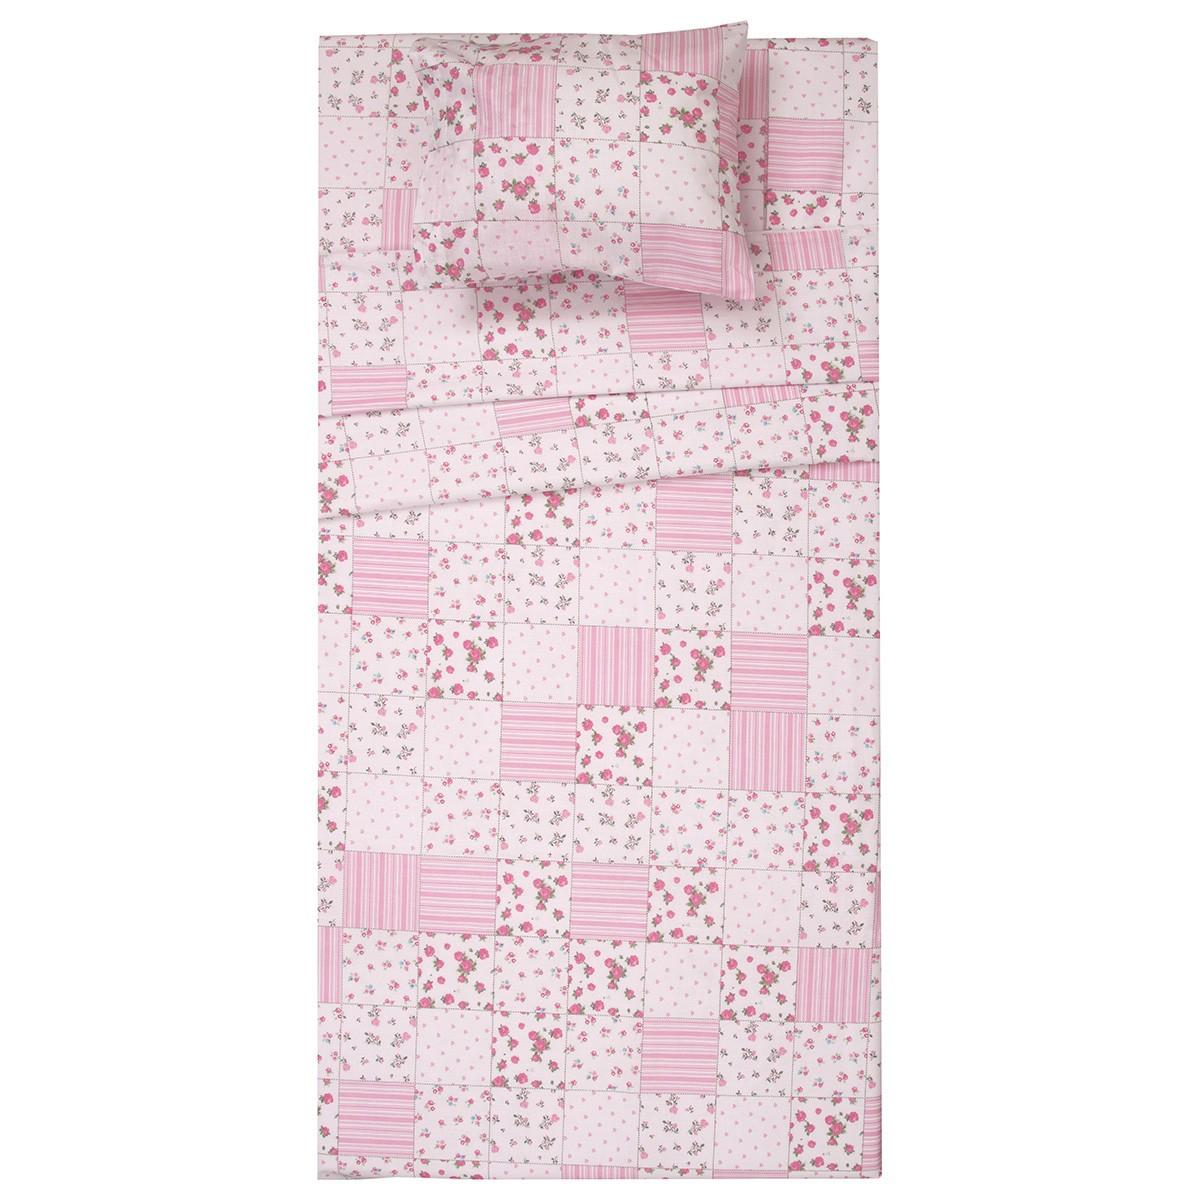 Κουβερλί Κούνιας (Σετ) Viopros Baby Cotton Ρόουζ